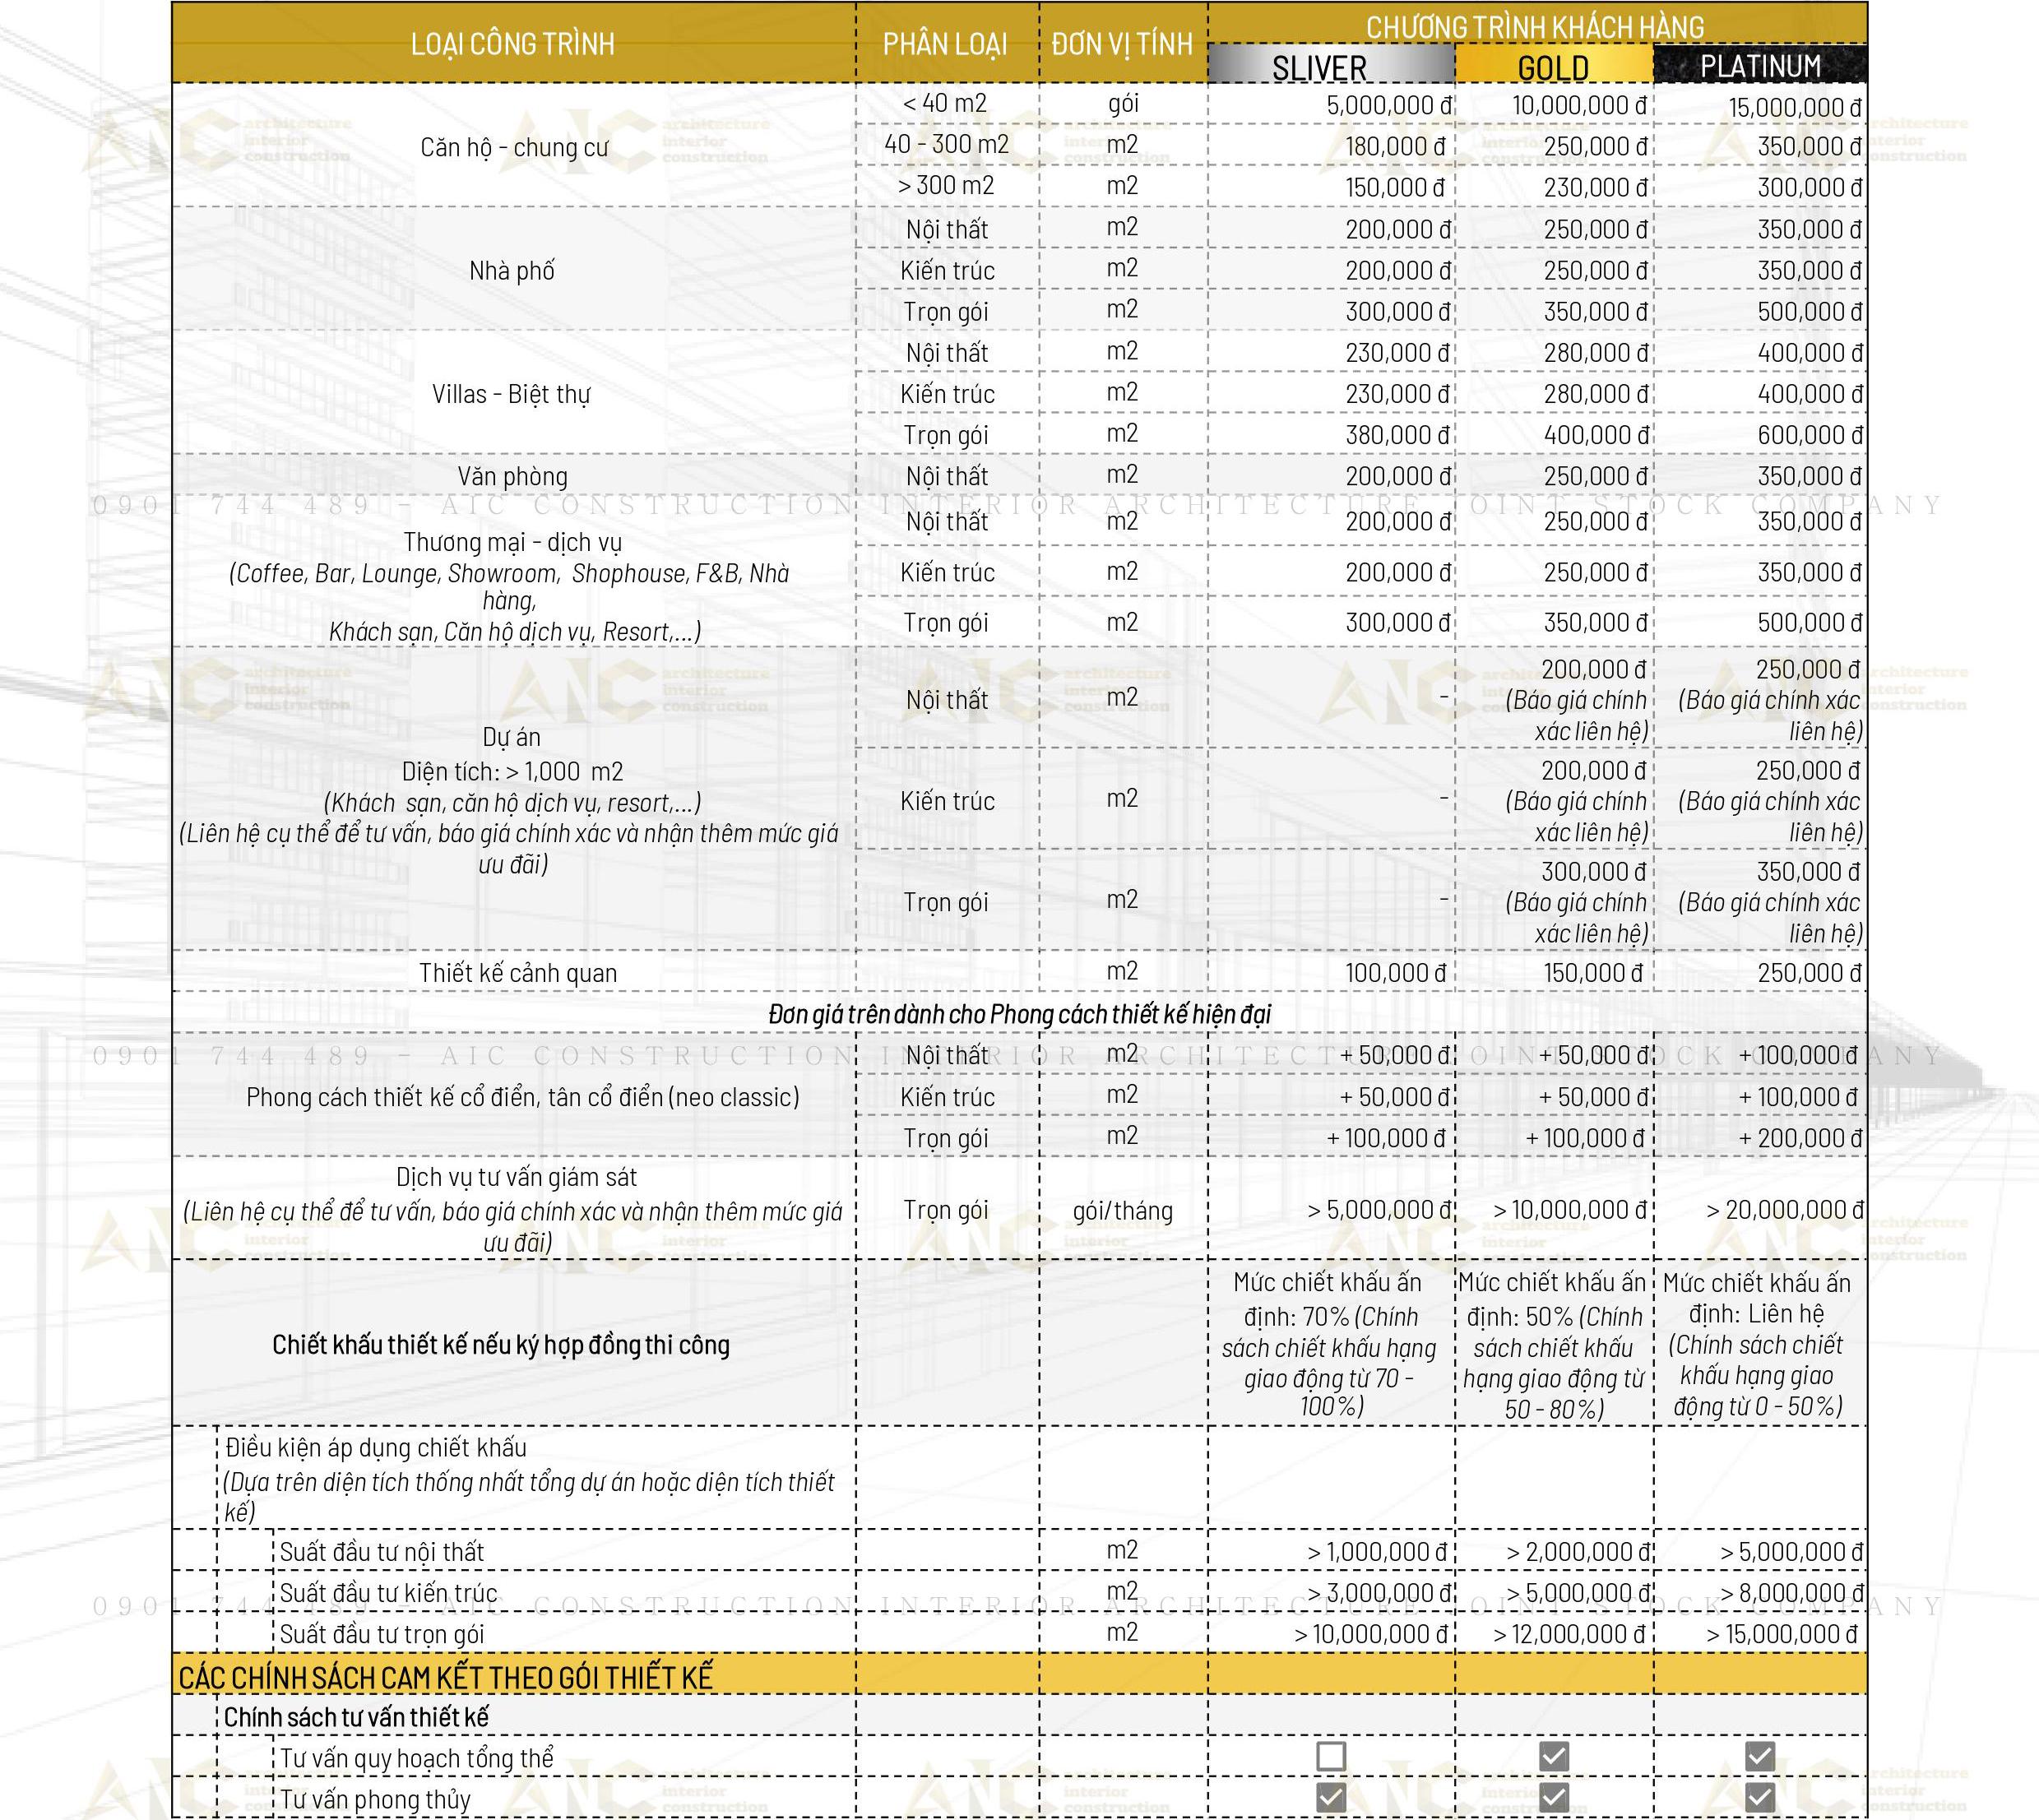 Bảng-Giá-Thiết-Kế-AIC-JSC-1